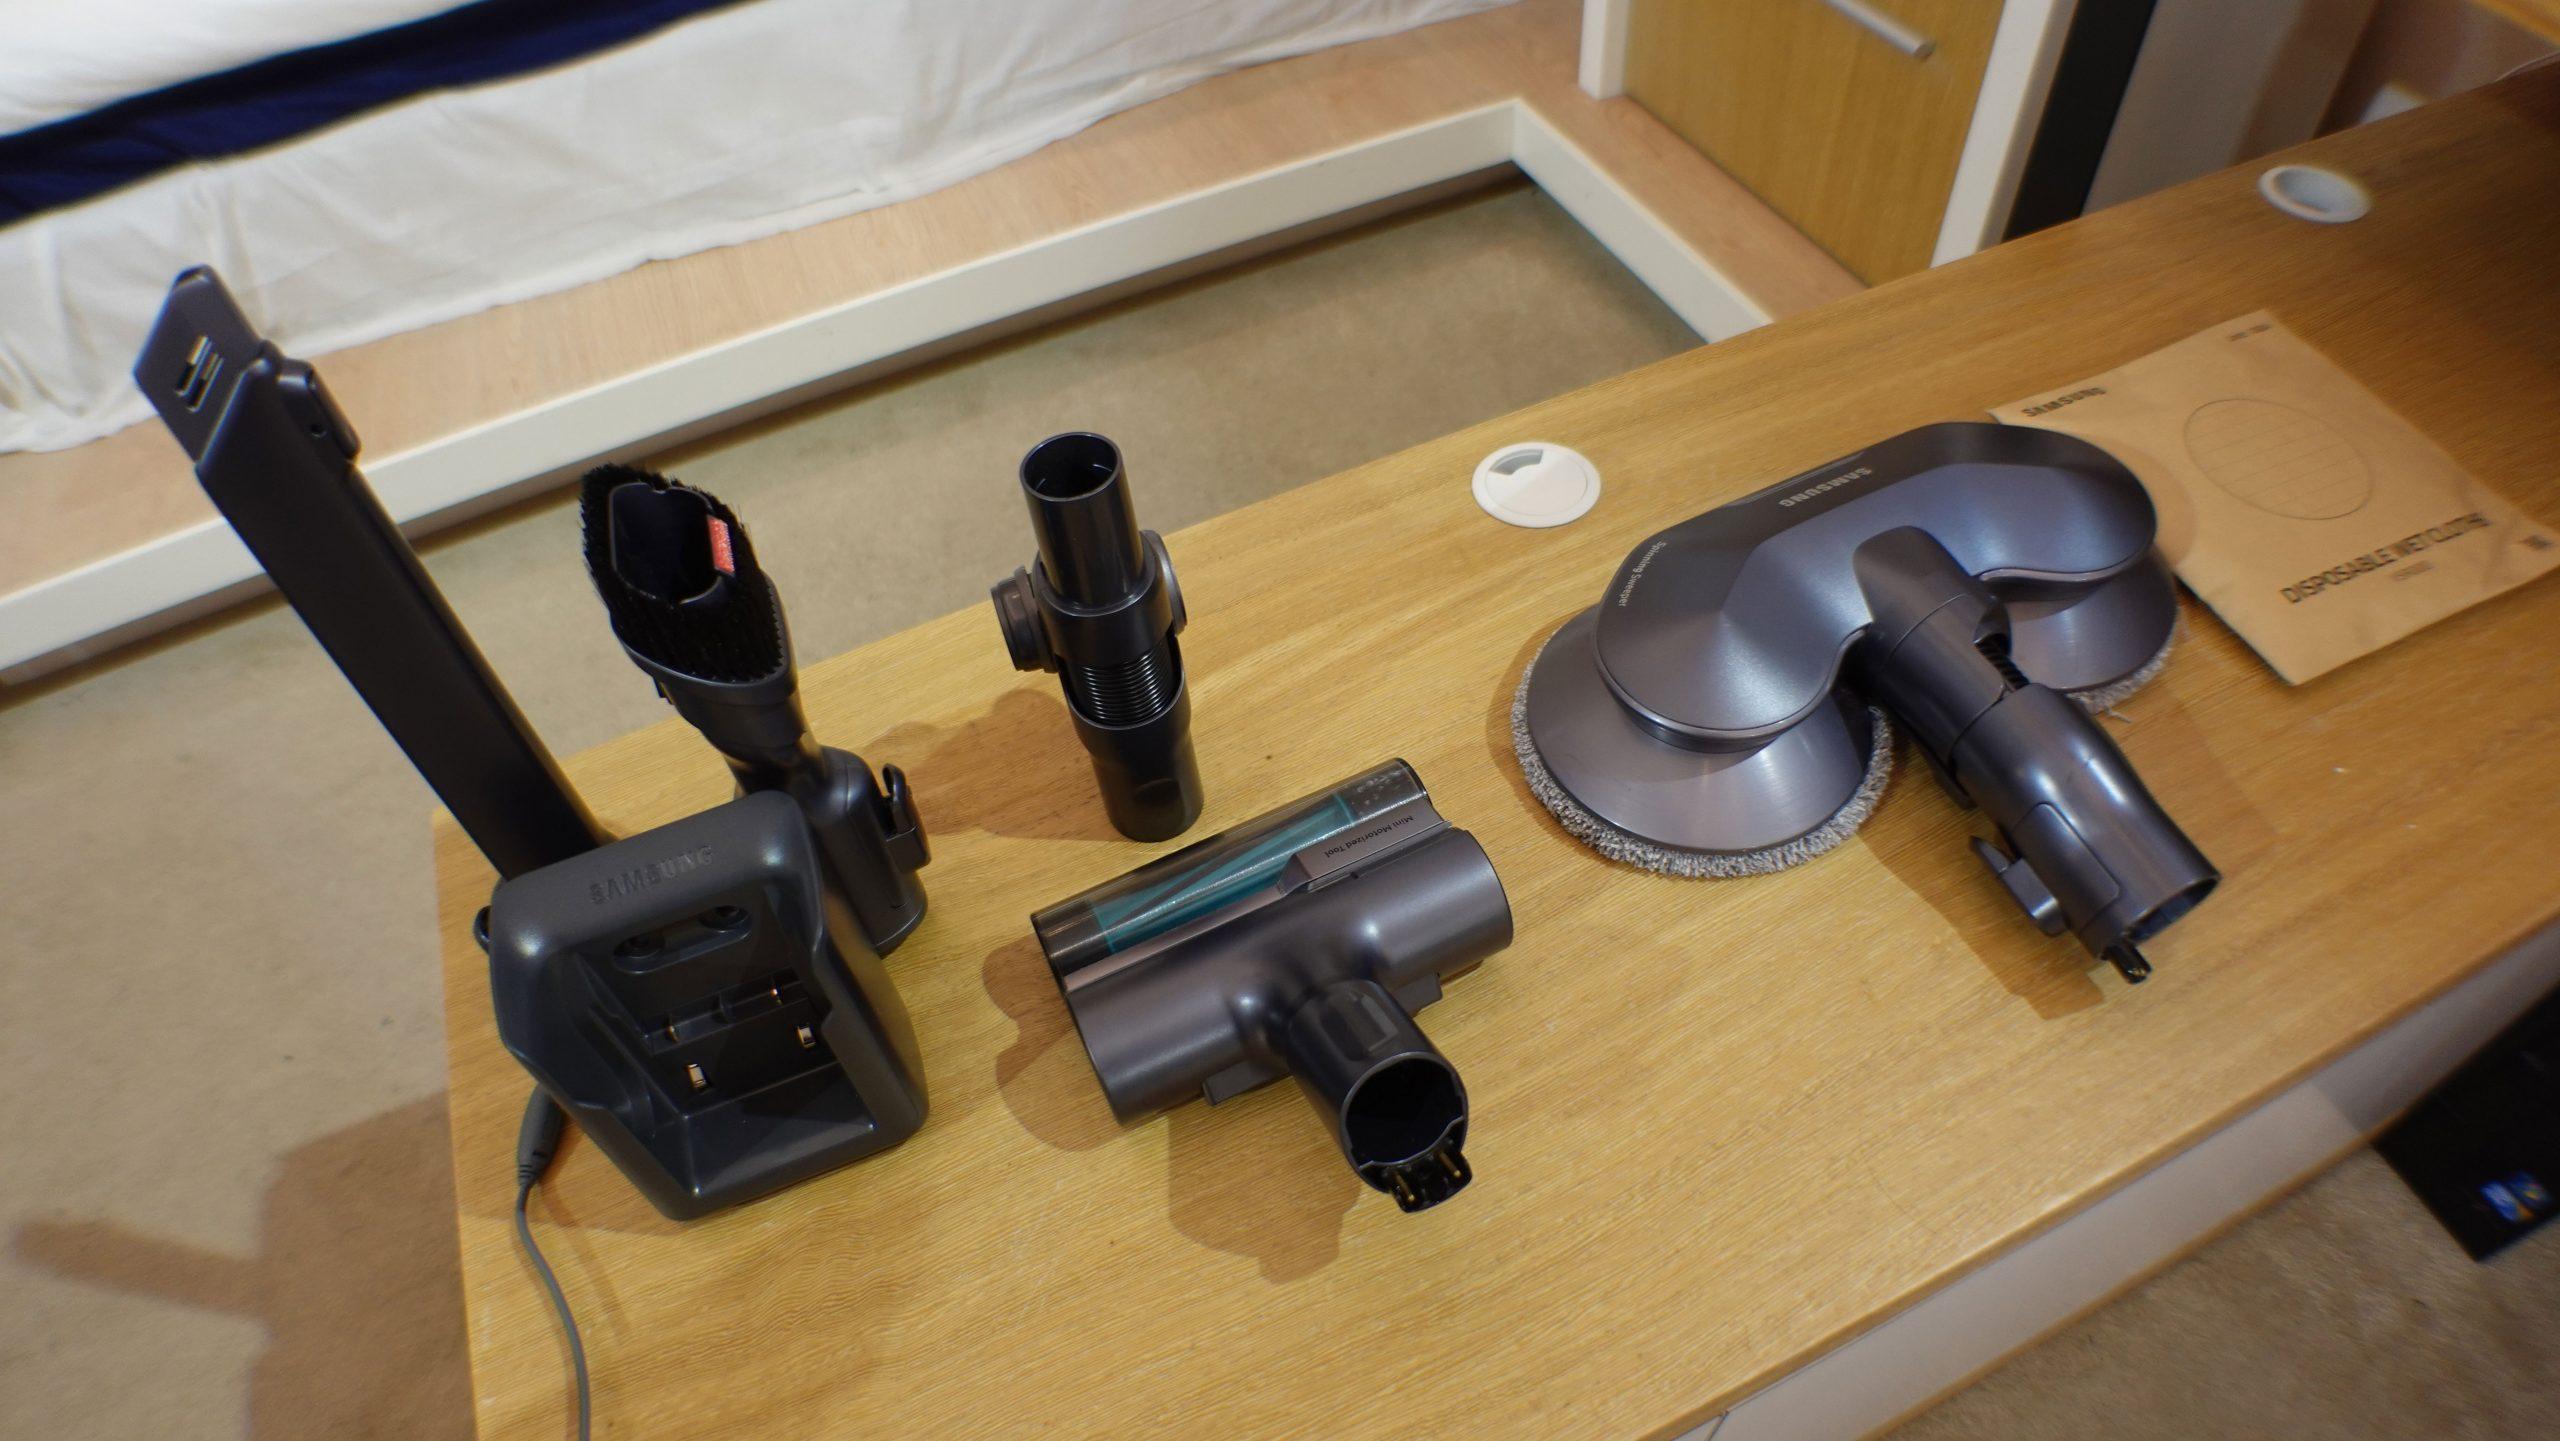 三星在台推出Cube無風智慧清淨機與Jet 無線變頻吸塵器